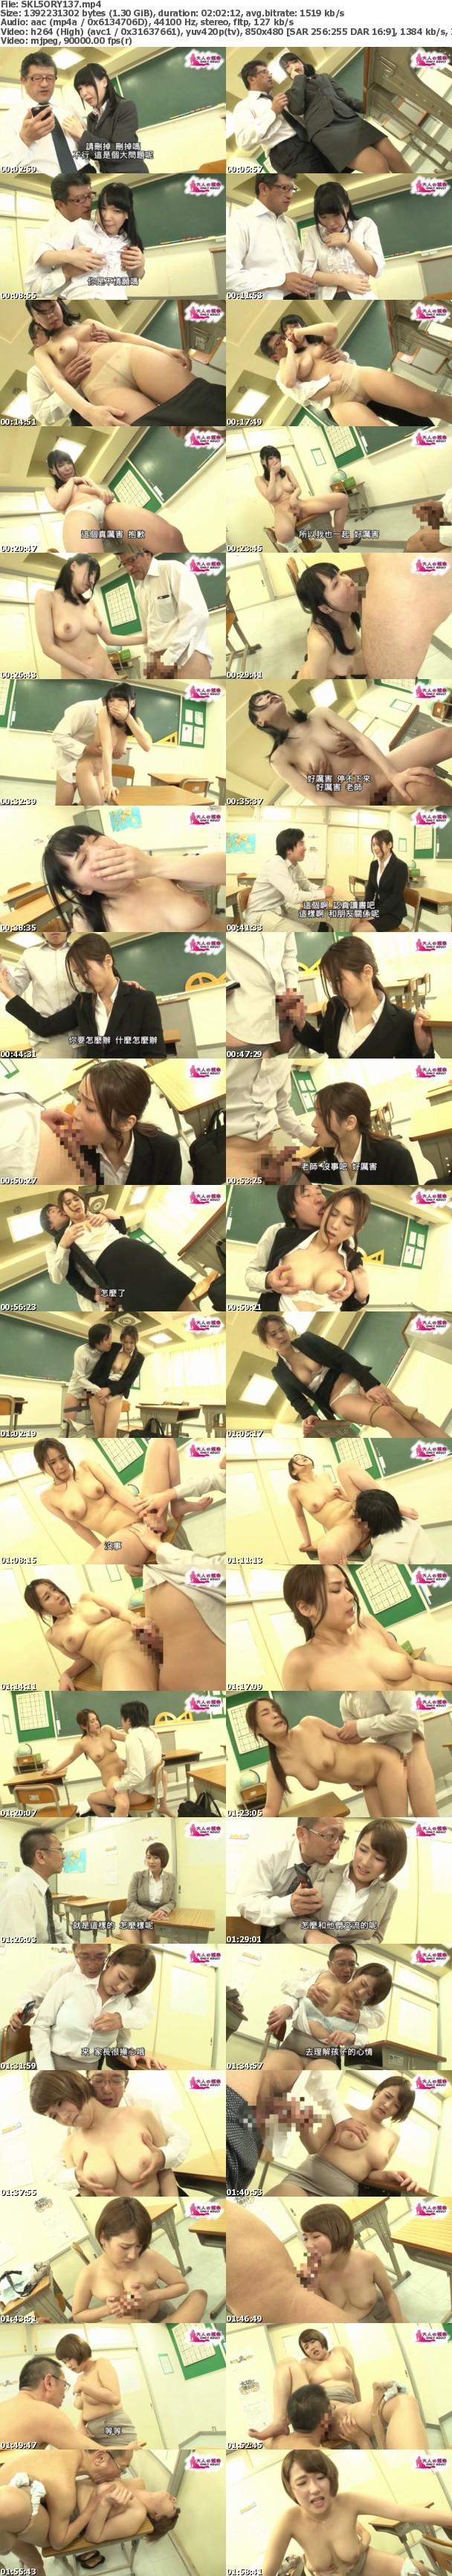 GS-137 兒子的班主任是個美巨乳老師!那天從兒子的手機裡看到了這位老師與學生淫亂的照片![中文字幕]